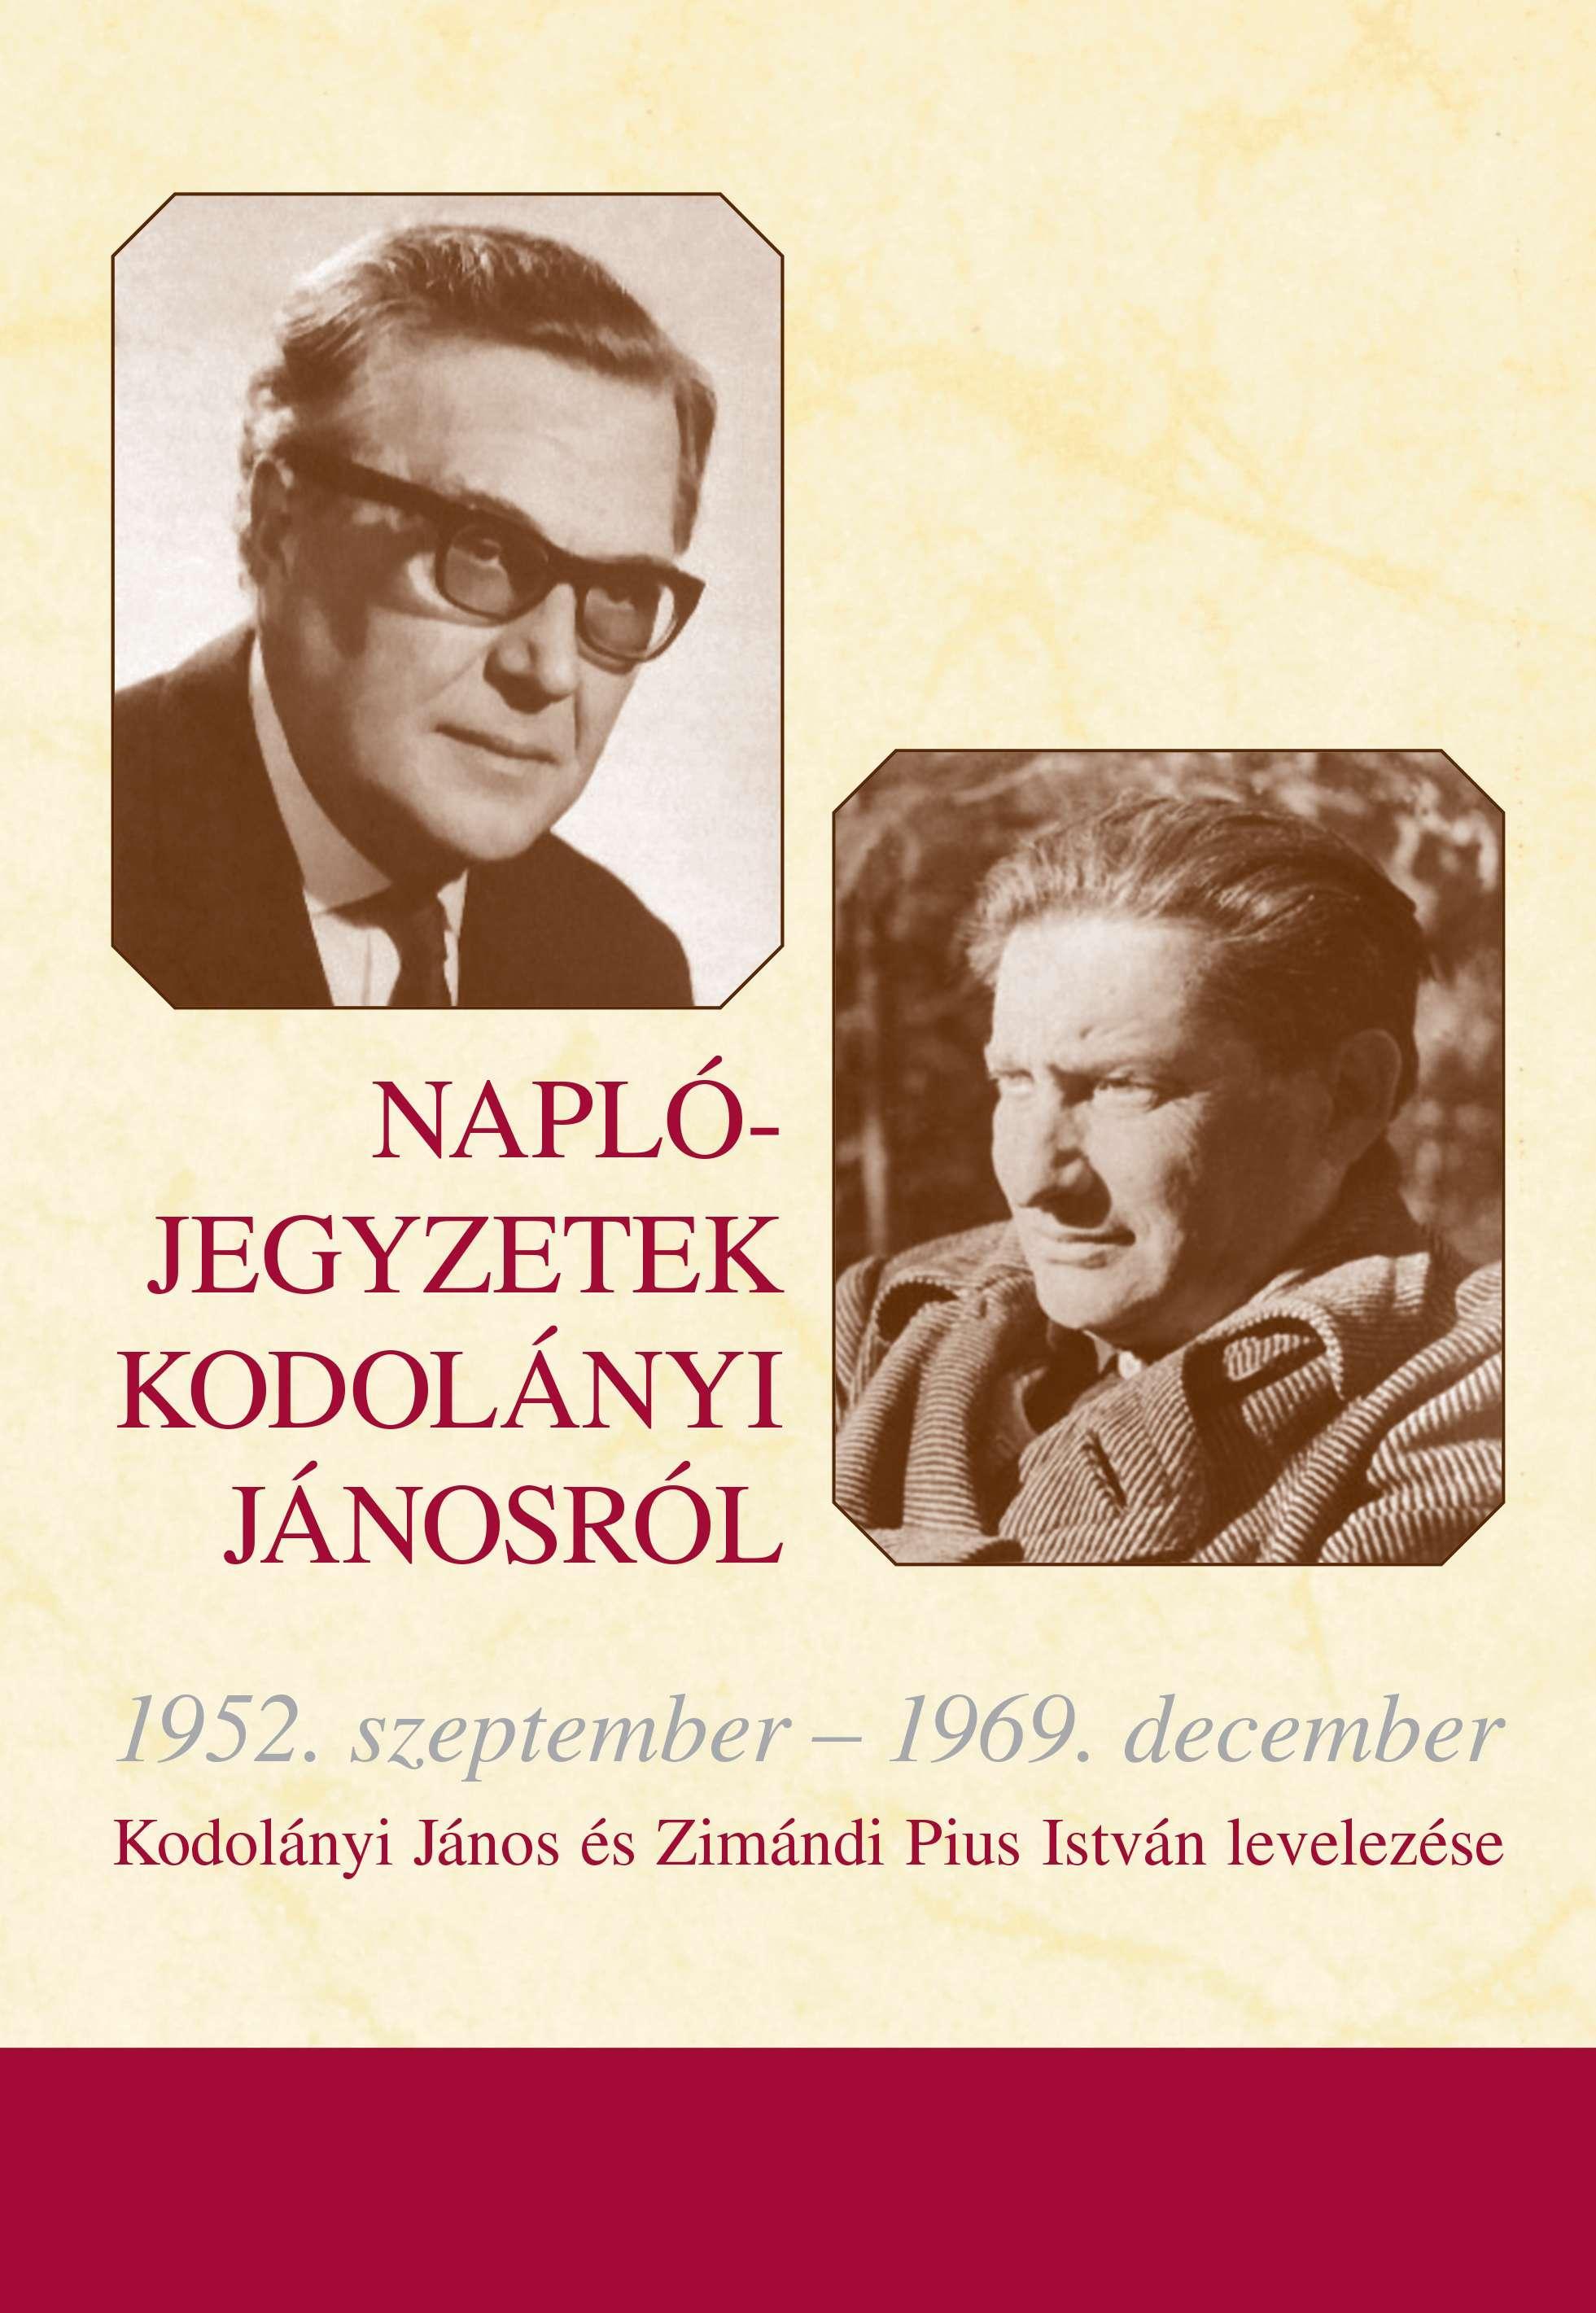 NAPLÓJEGYZETEK KODOLÁNYI JÁNOSRÓL - 1952. SZEPTEMBER - 1969. DECEMBER